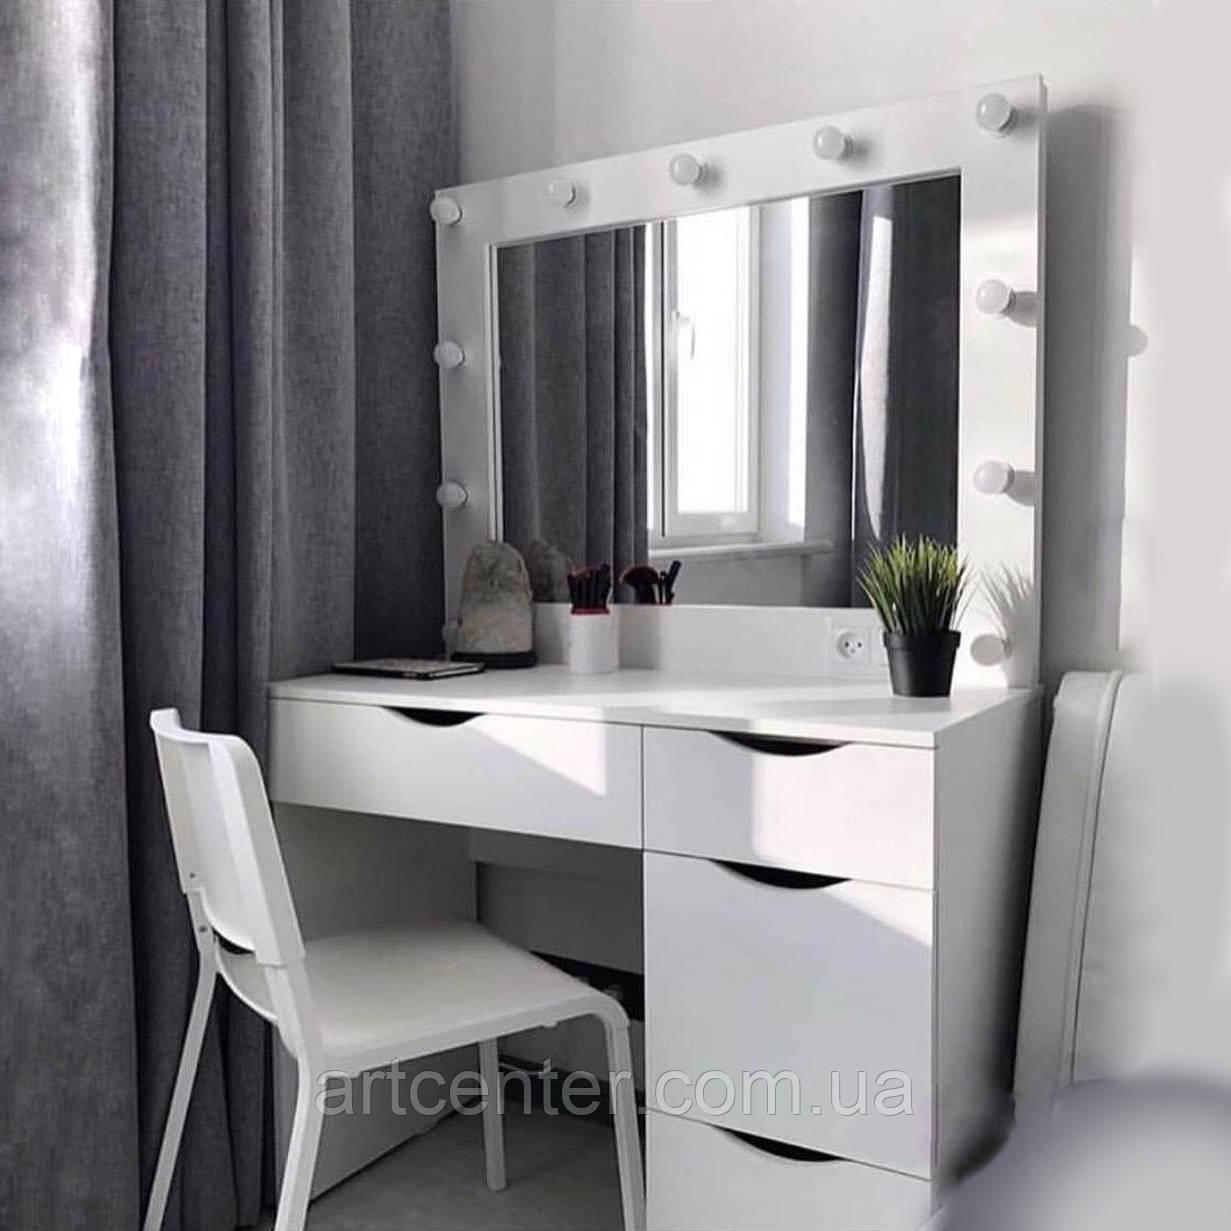 Стол визажиста с зеркалом, туалетный\дамский стол